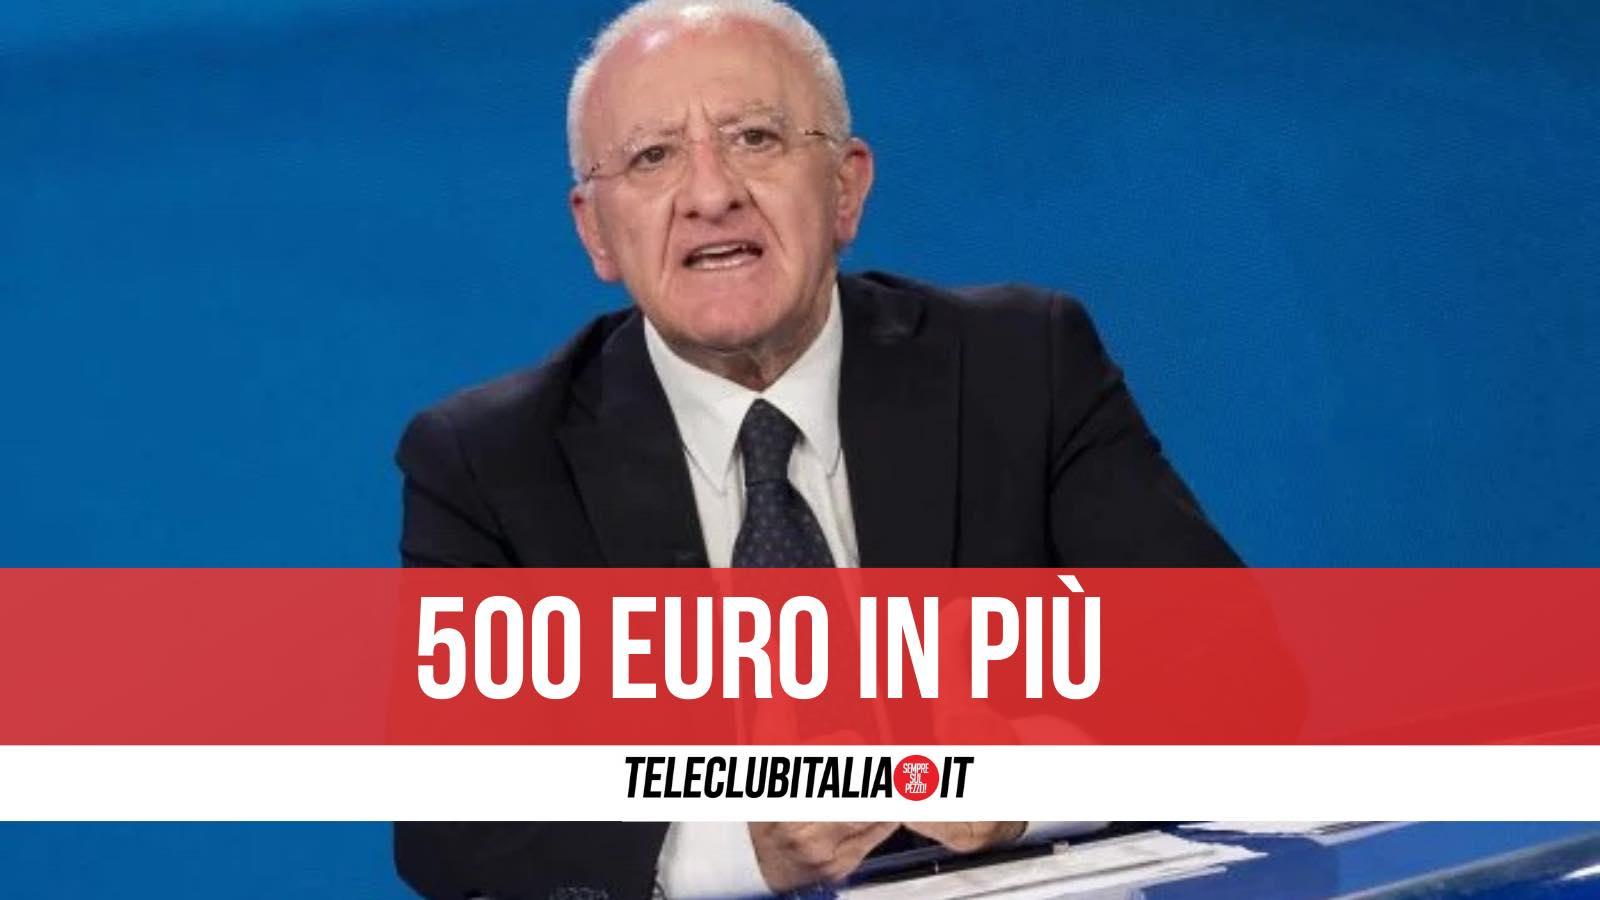 500 euro reddito di cittadinanza de luca